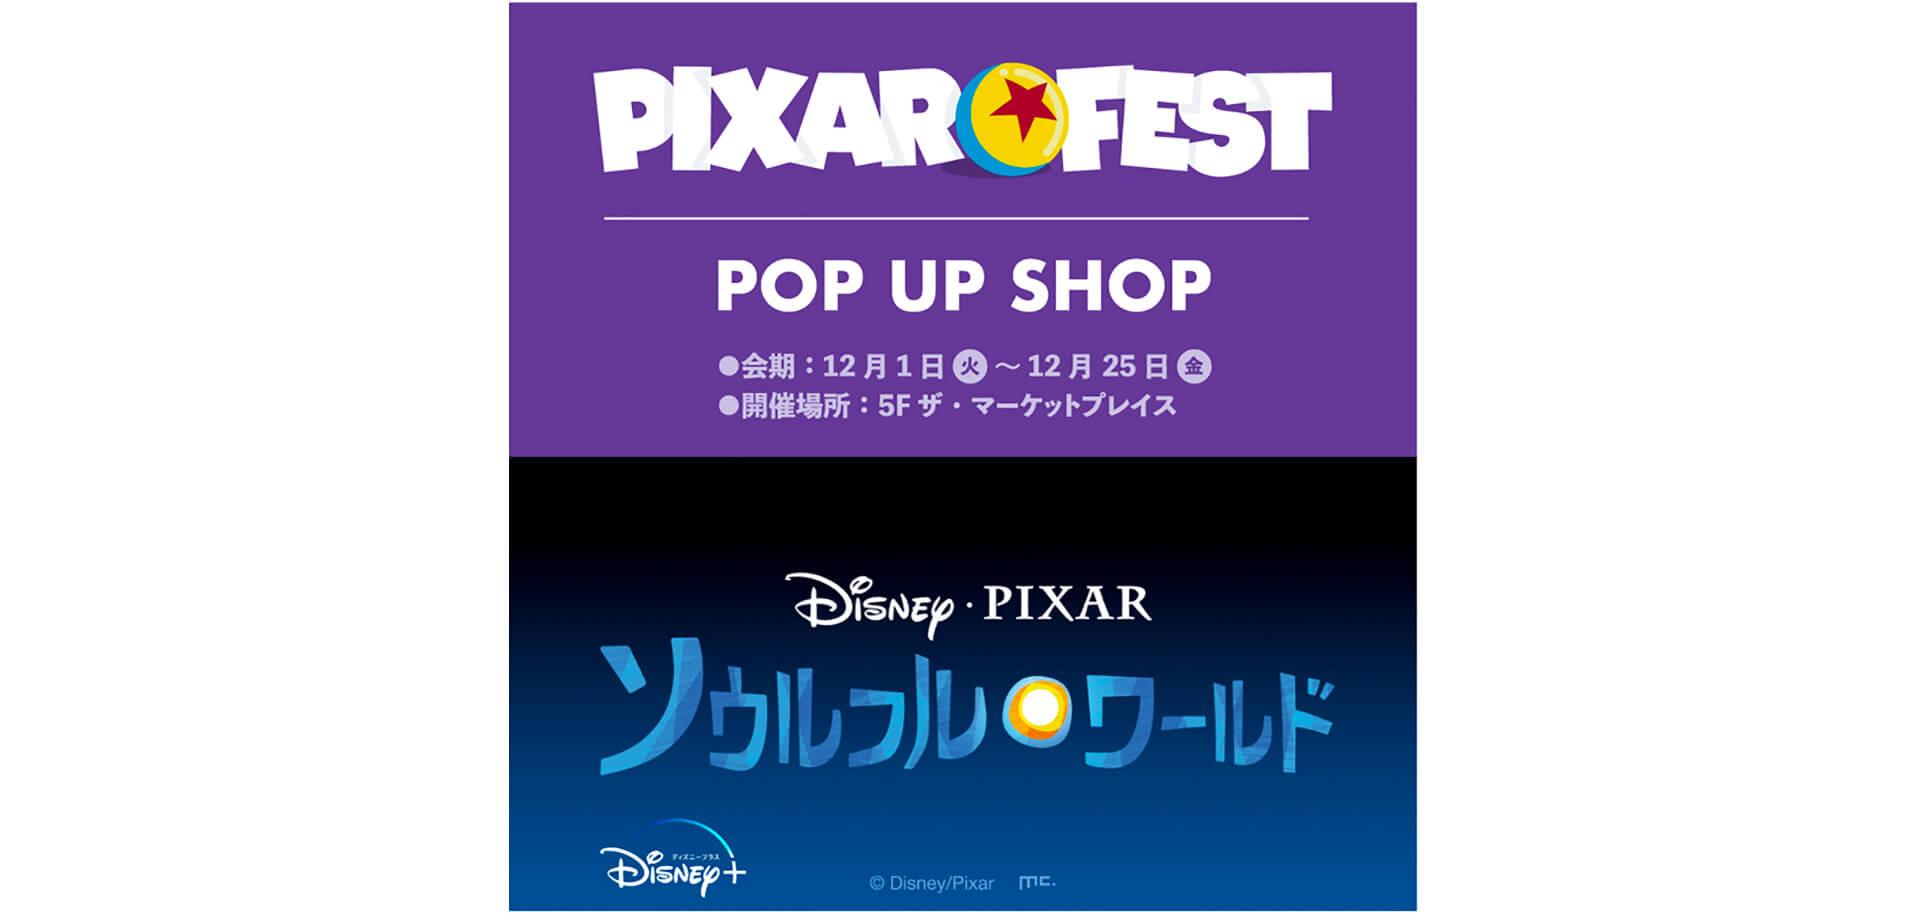 「PIXAR FEST」POP UP SHOP